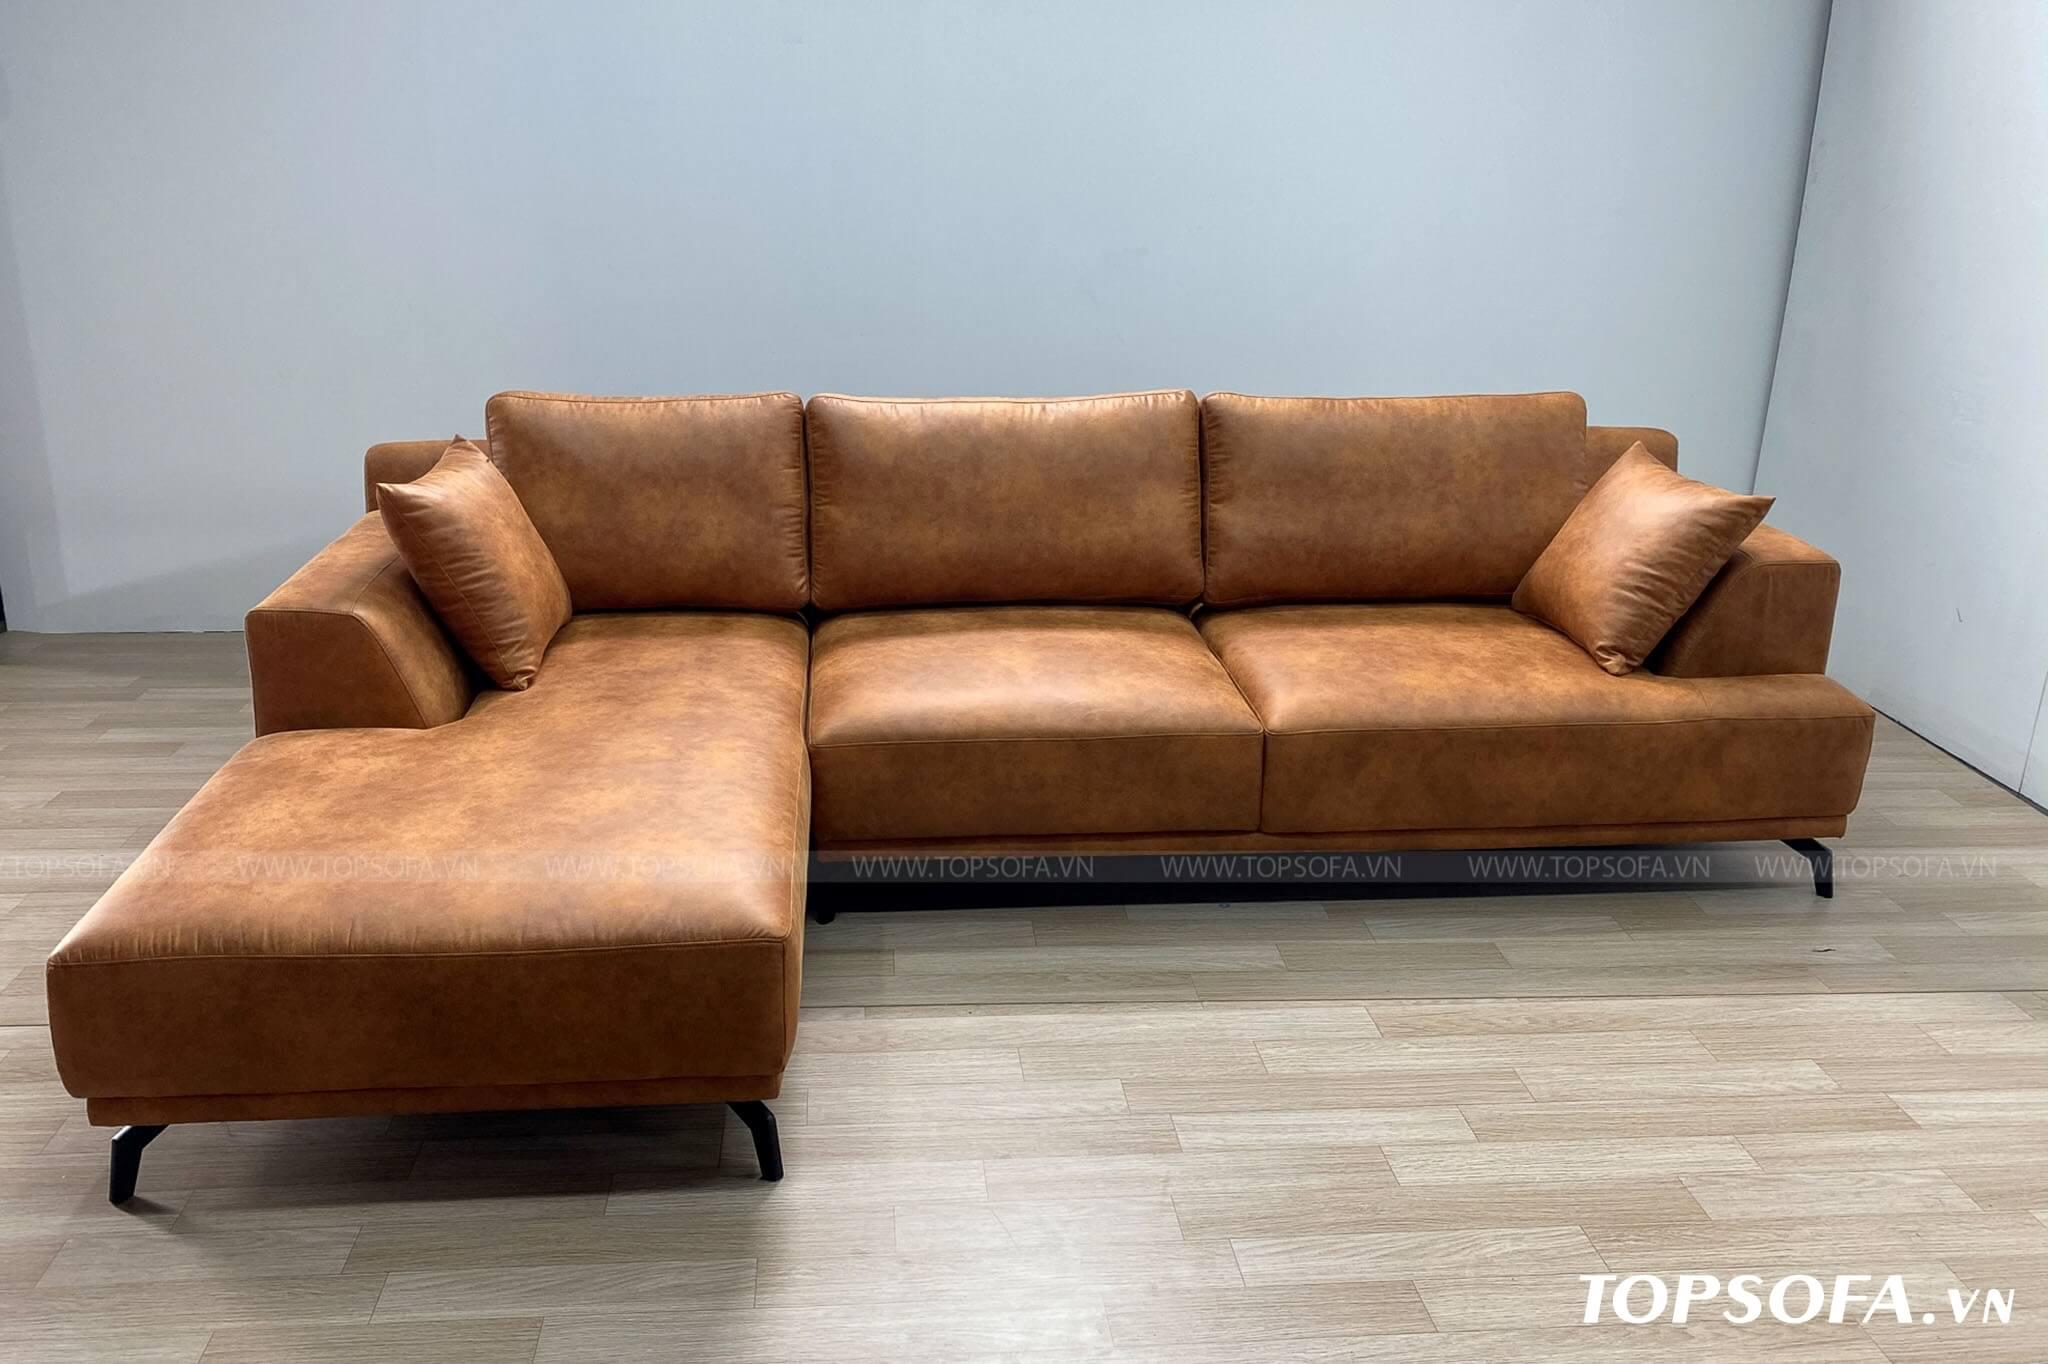 Phần góc trái của sofa không thiết kế tay tựa nên không tạo cảm giác vướng víu giúp có thể đặt sofa ở cả góc phải căn phòng để phân chia không gian một cách tự nhiên